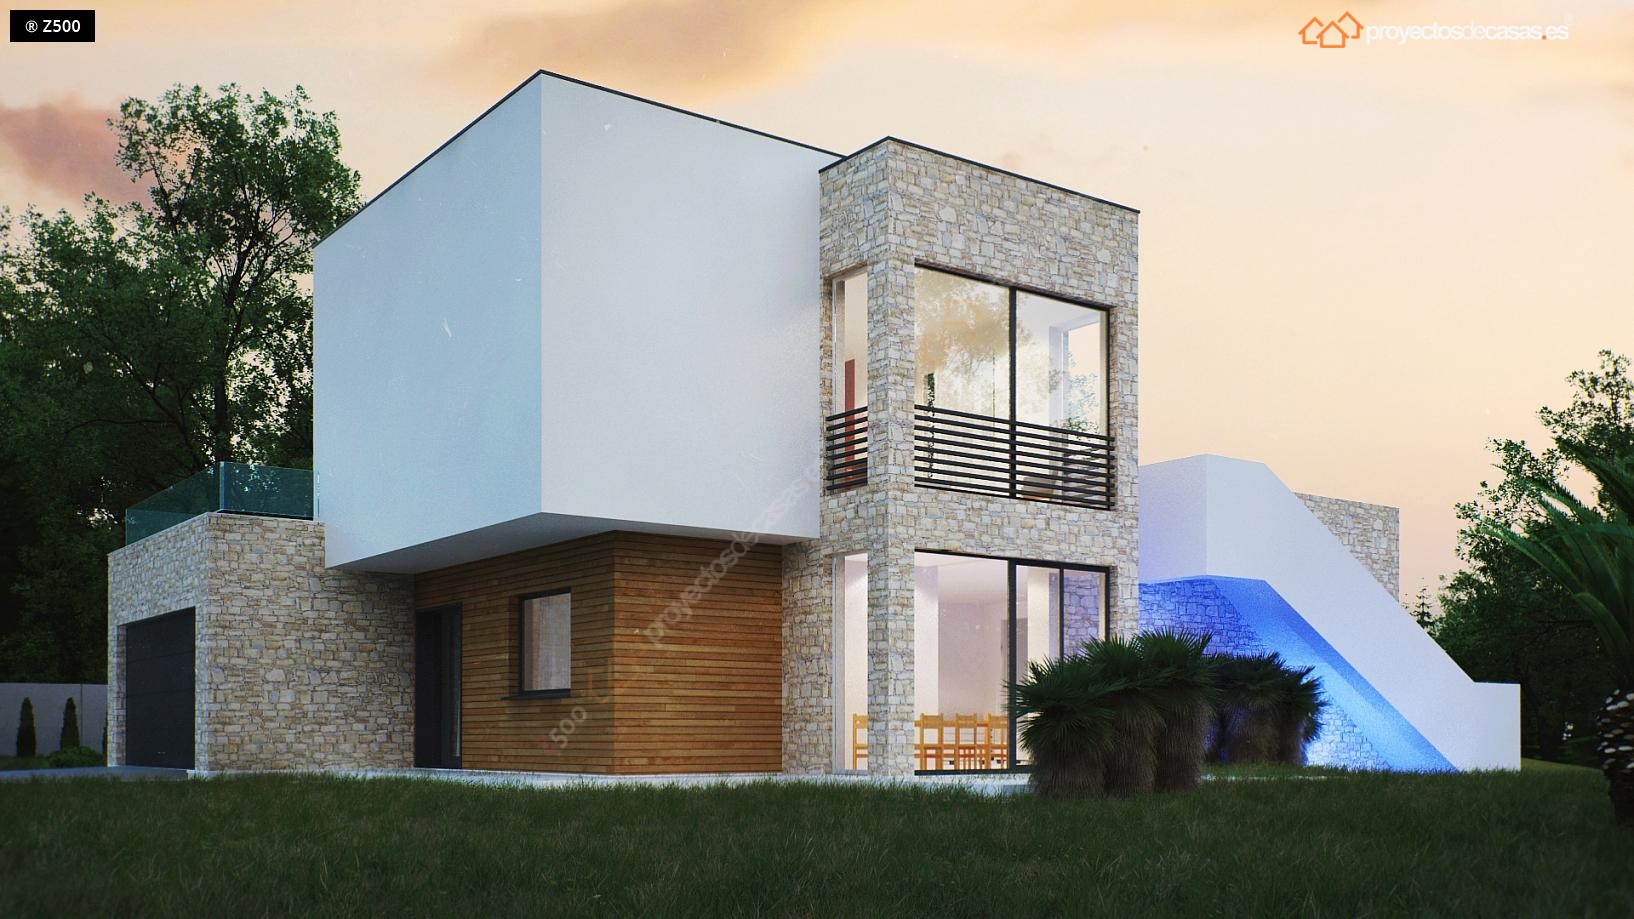 Proyectos de casas casa de lujo con piscina y sauna proyectosdecasas dise amos y - Casas en salou ...